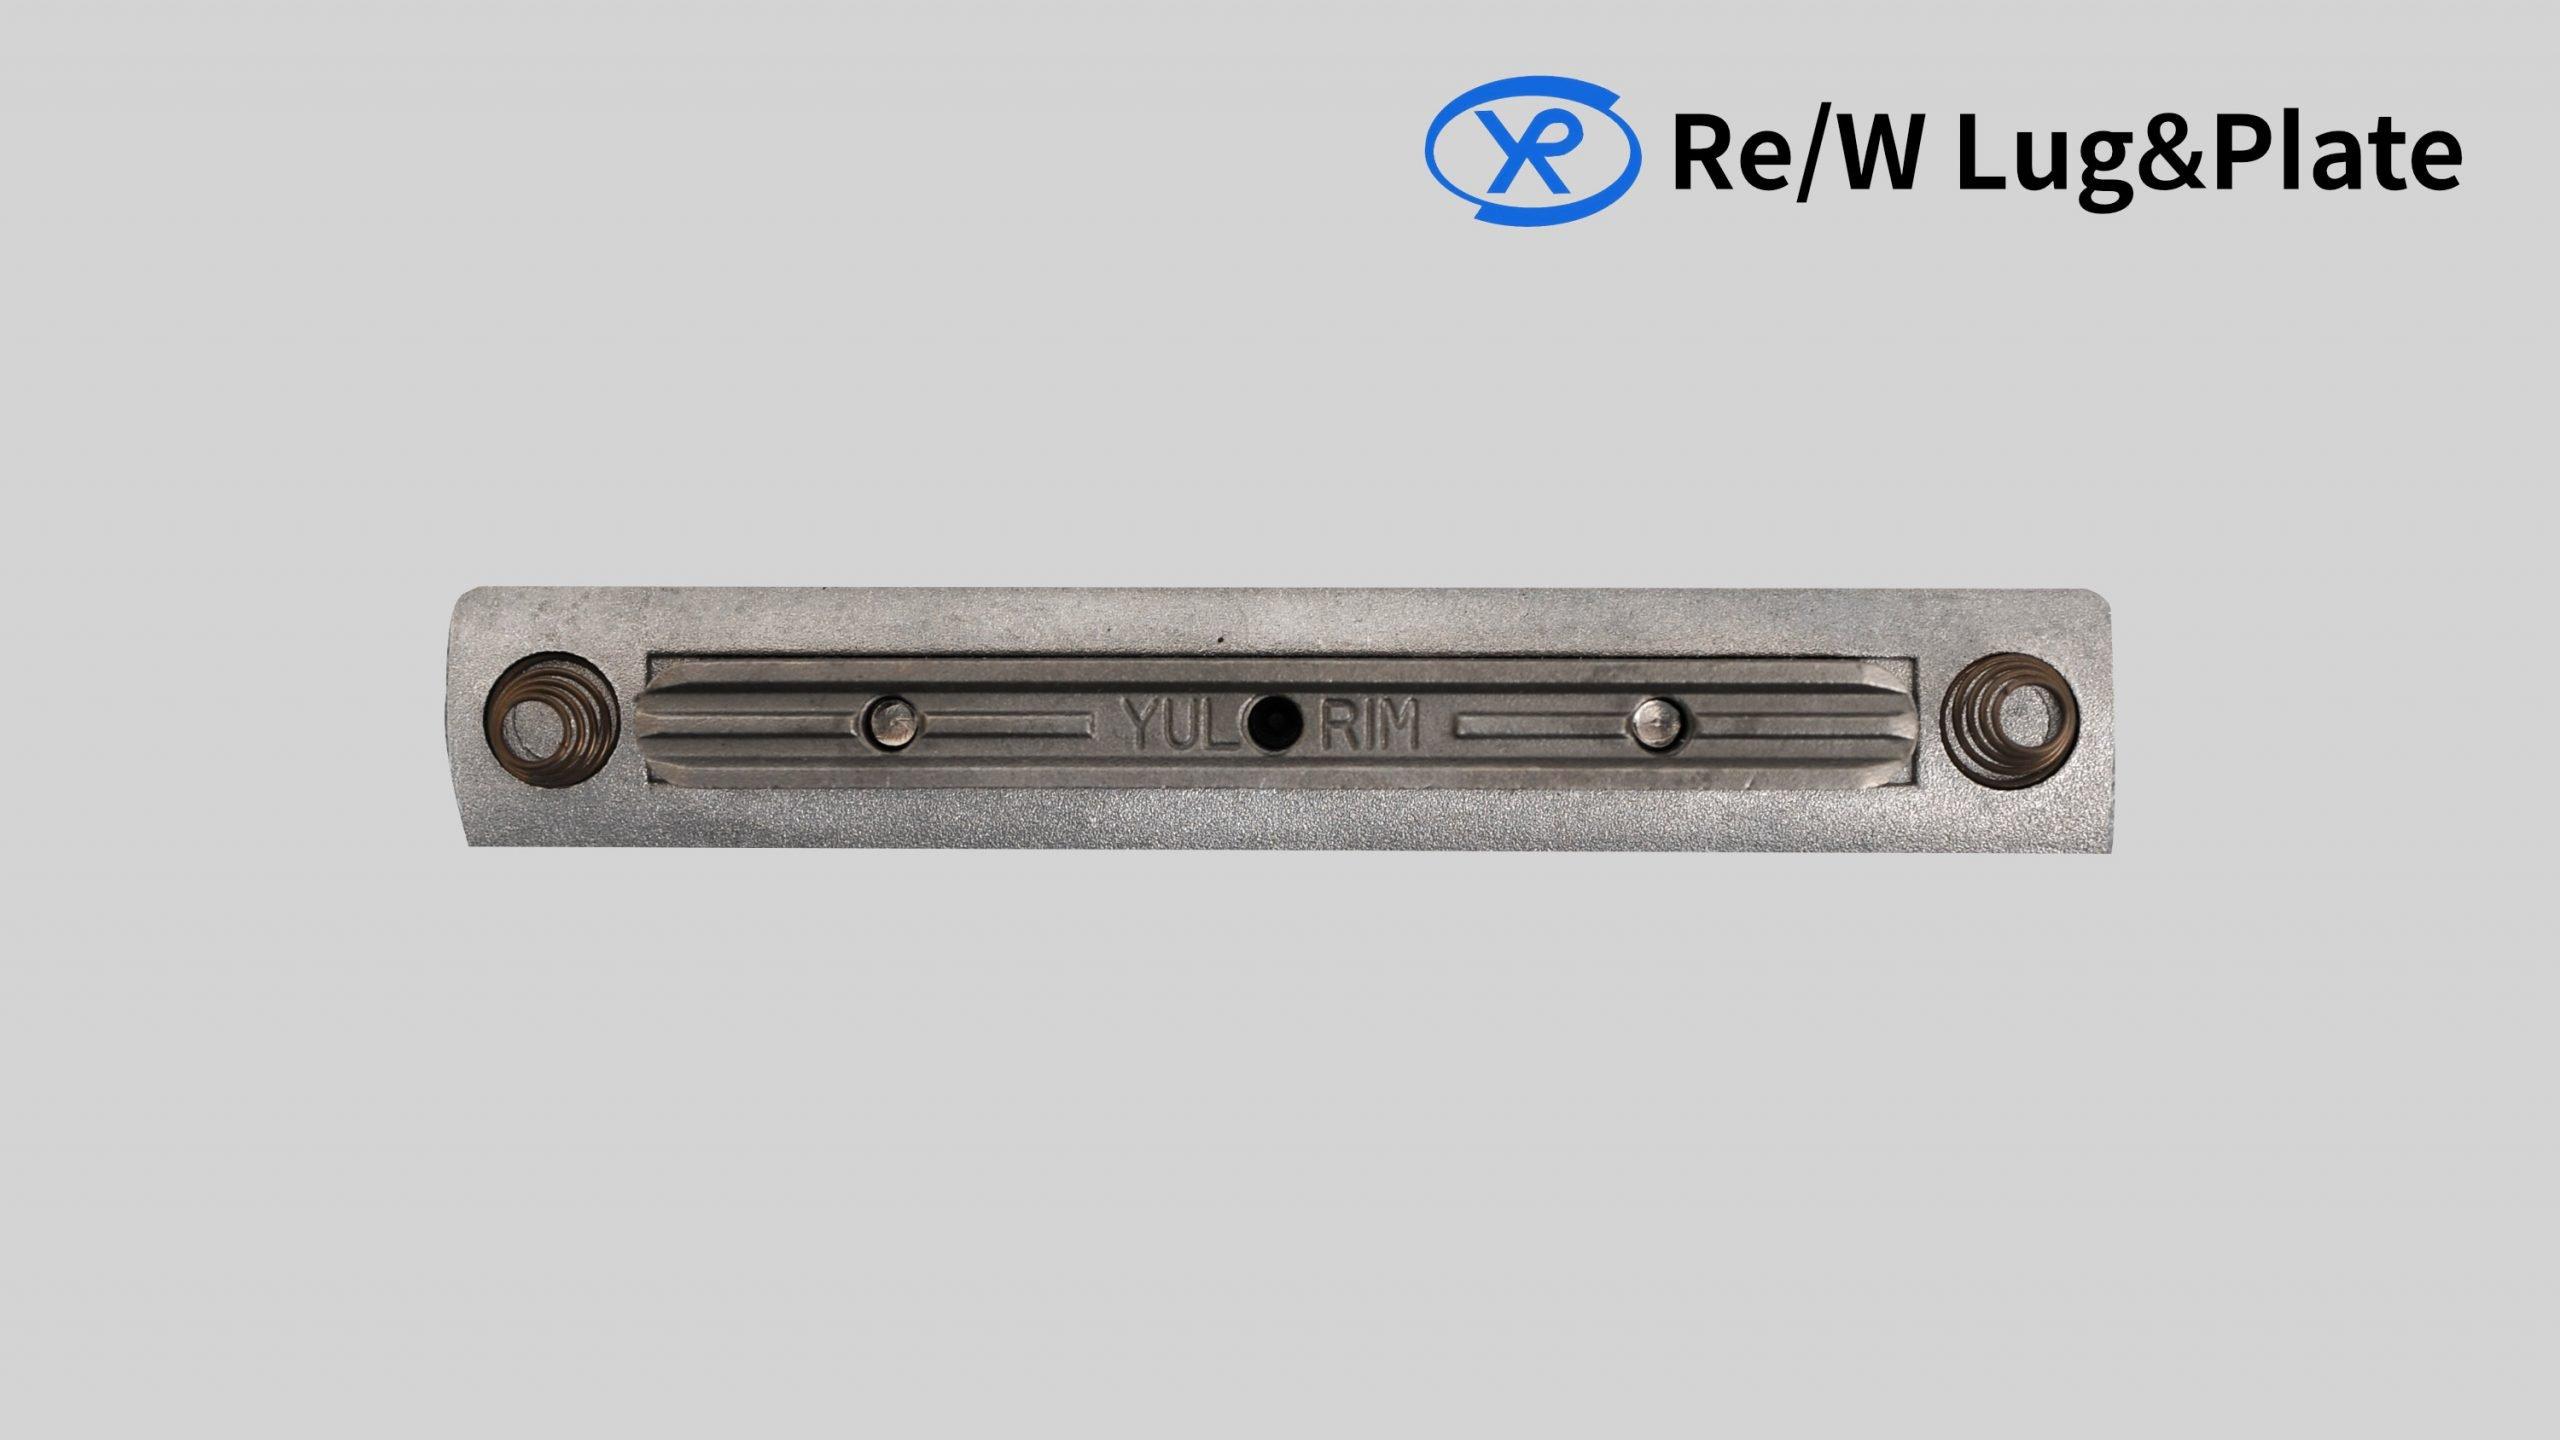 Re/W Lug&Plate